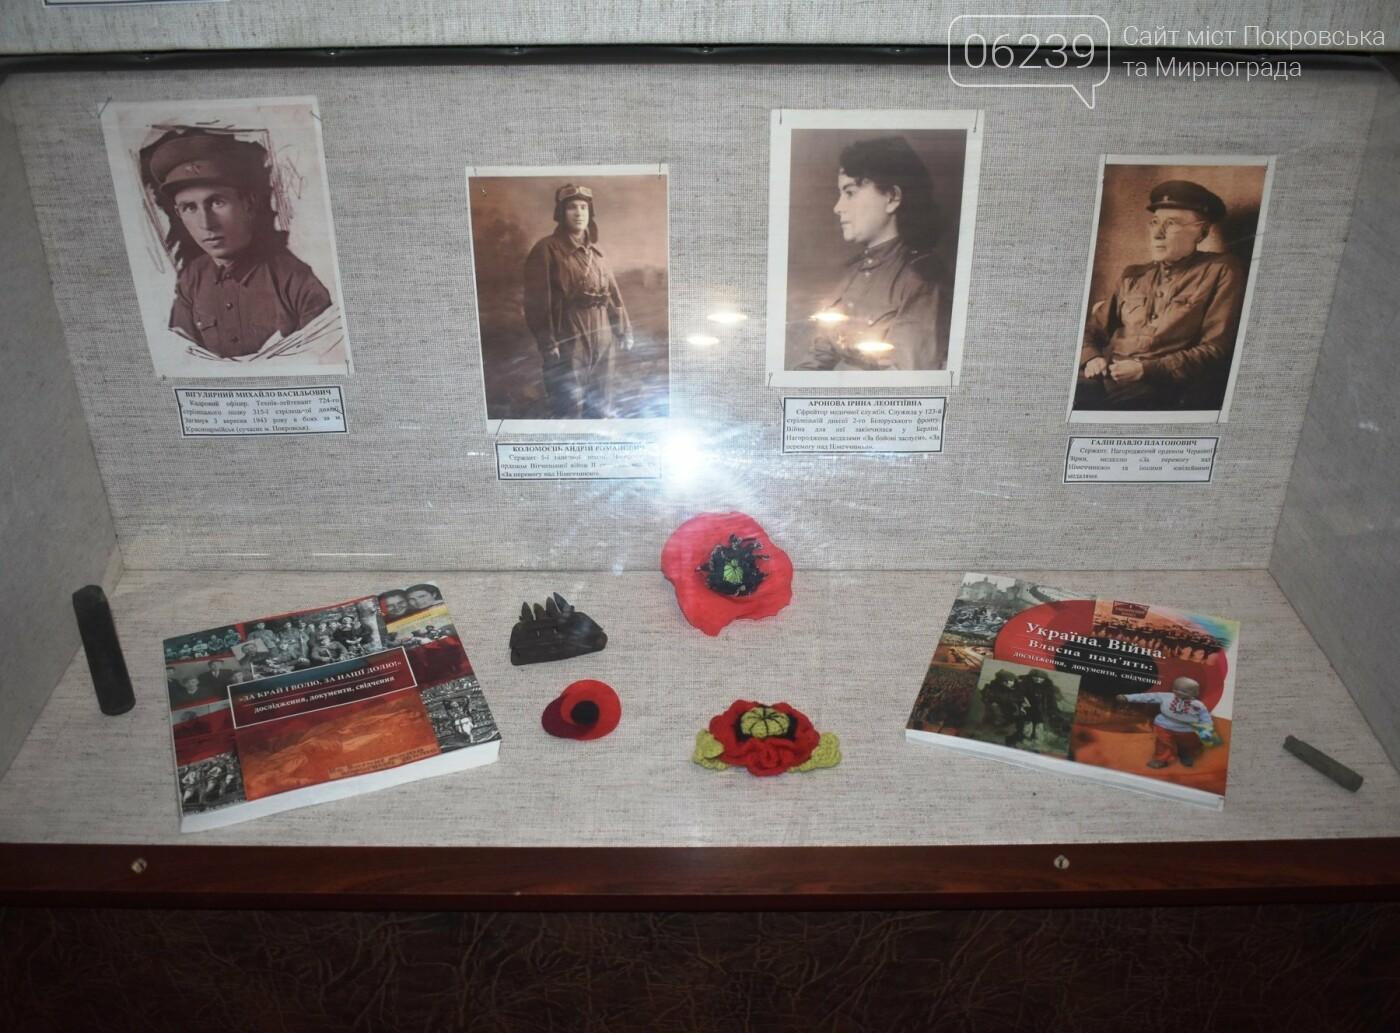 У музеї Покровська відкрита виставка «Обличчя Героїв», присвячена 74-й річниці визволення України від нацистських окупантів, фото-1